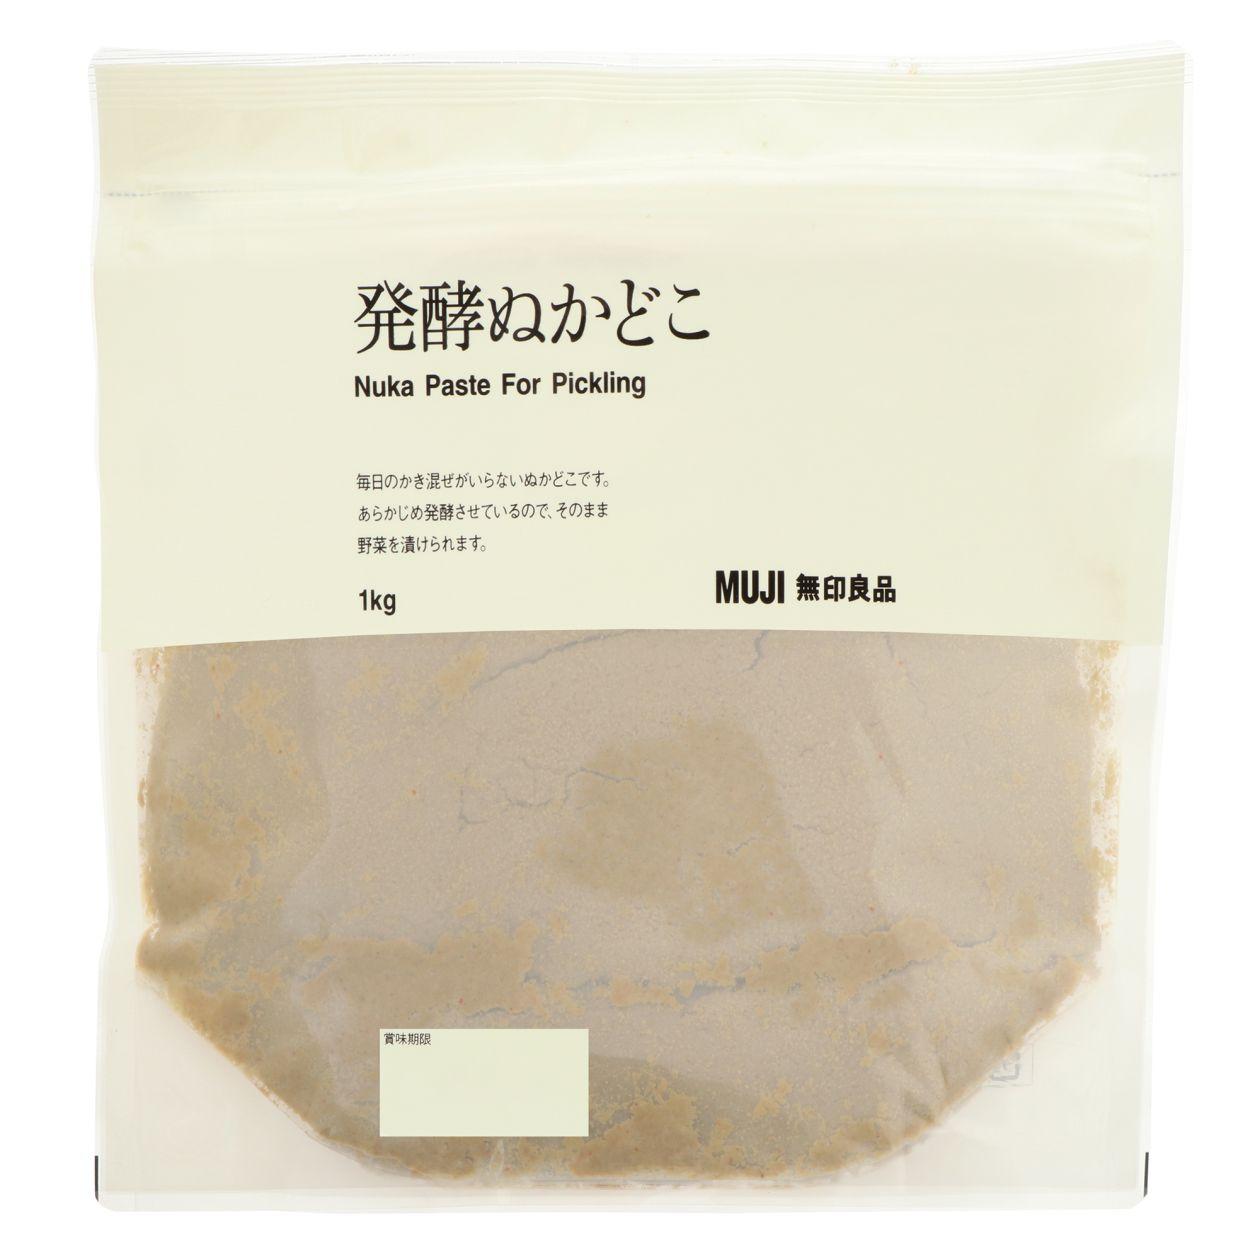 発酵ぬかどこ 1kg